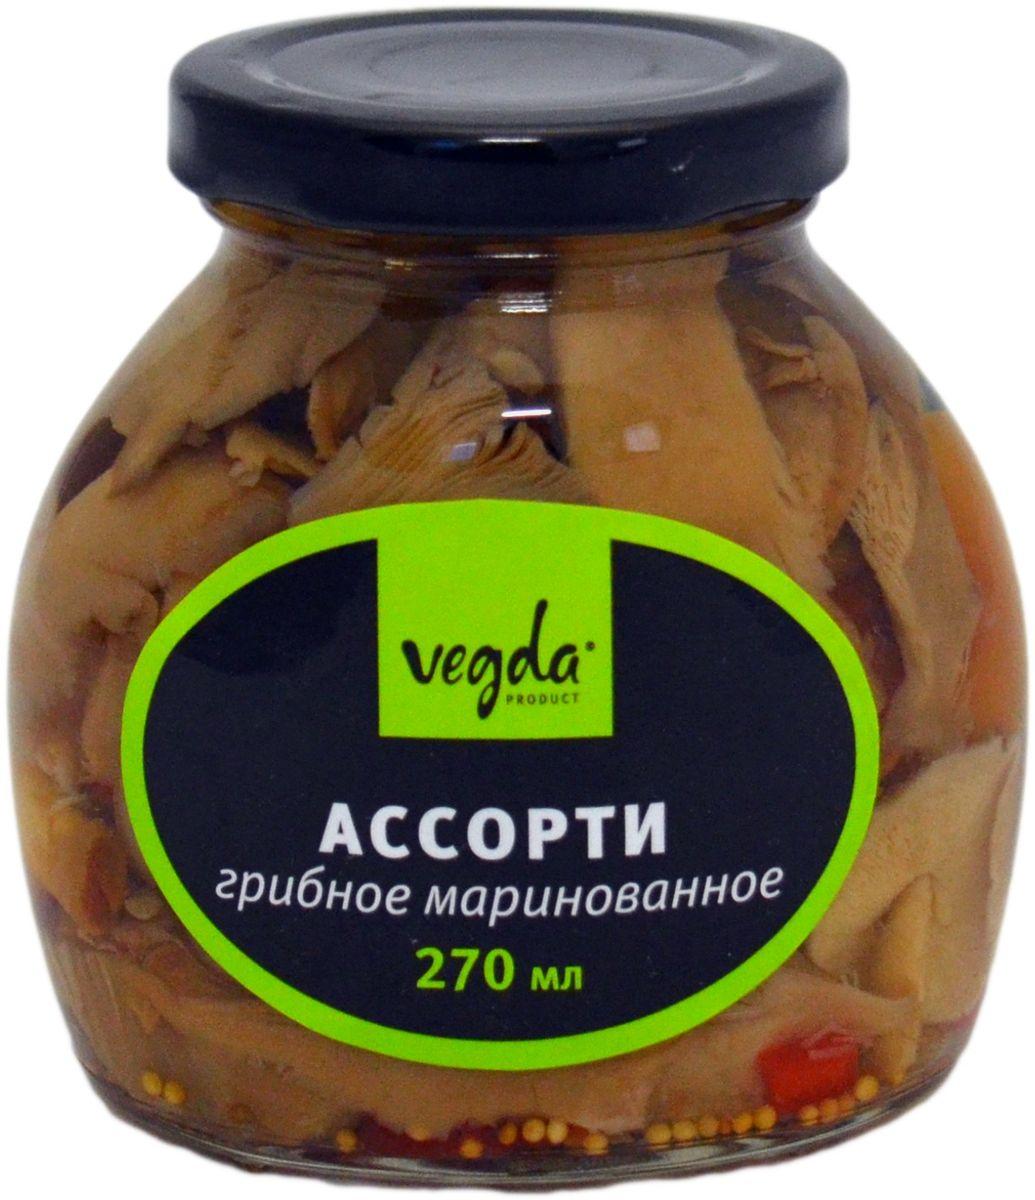 Vegda ассорти грибное маринованное, 270 мл4607045600101Продукт изготовлен из высококачественных ингредиентов, по современным технологиям.